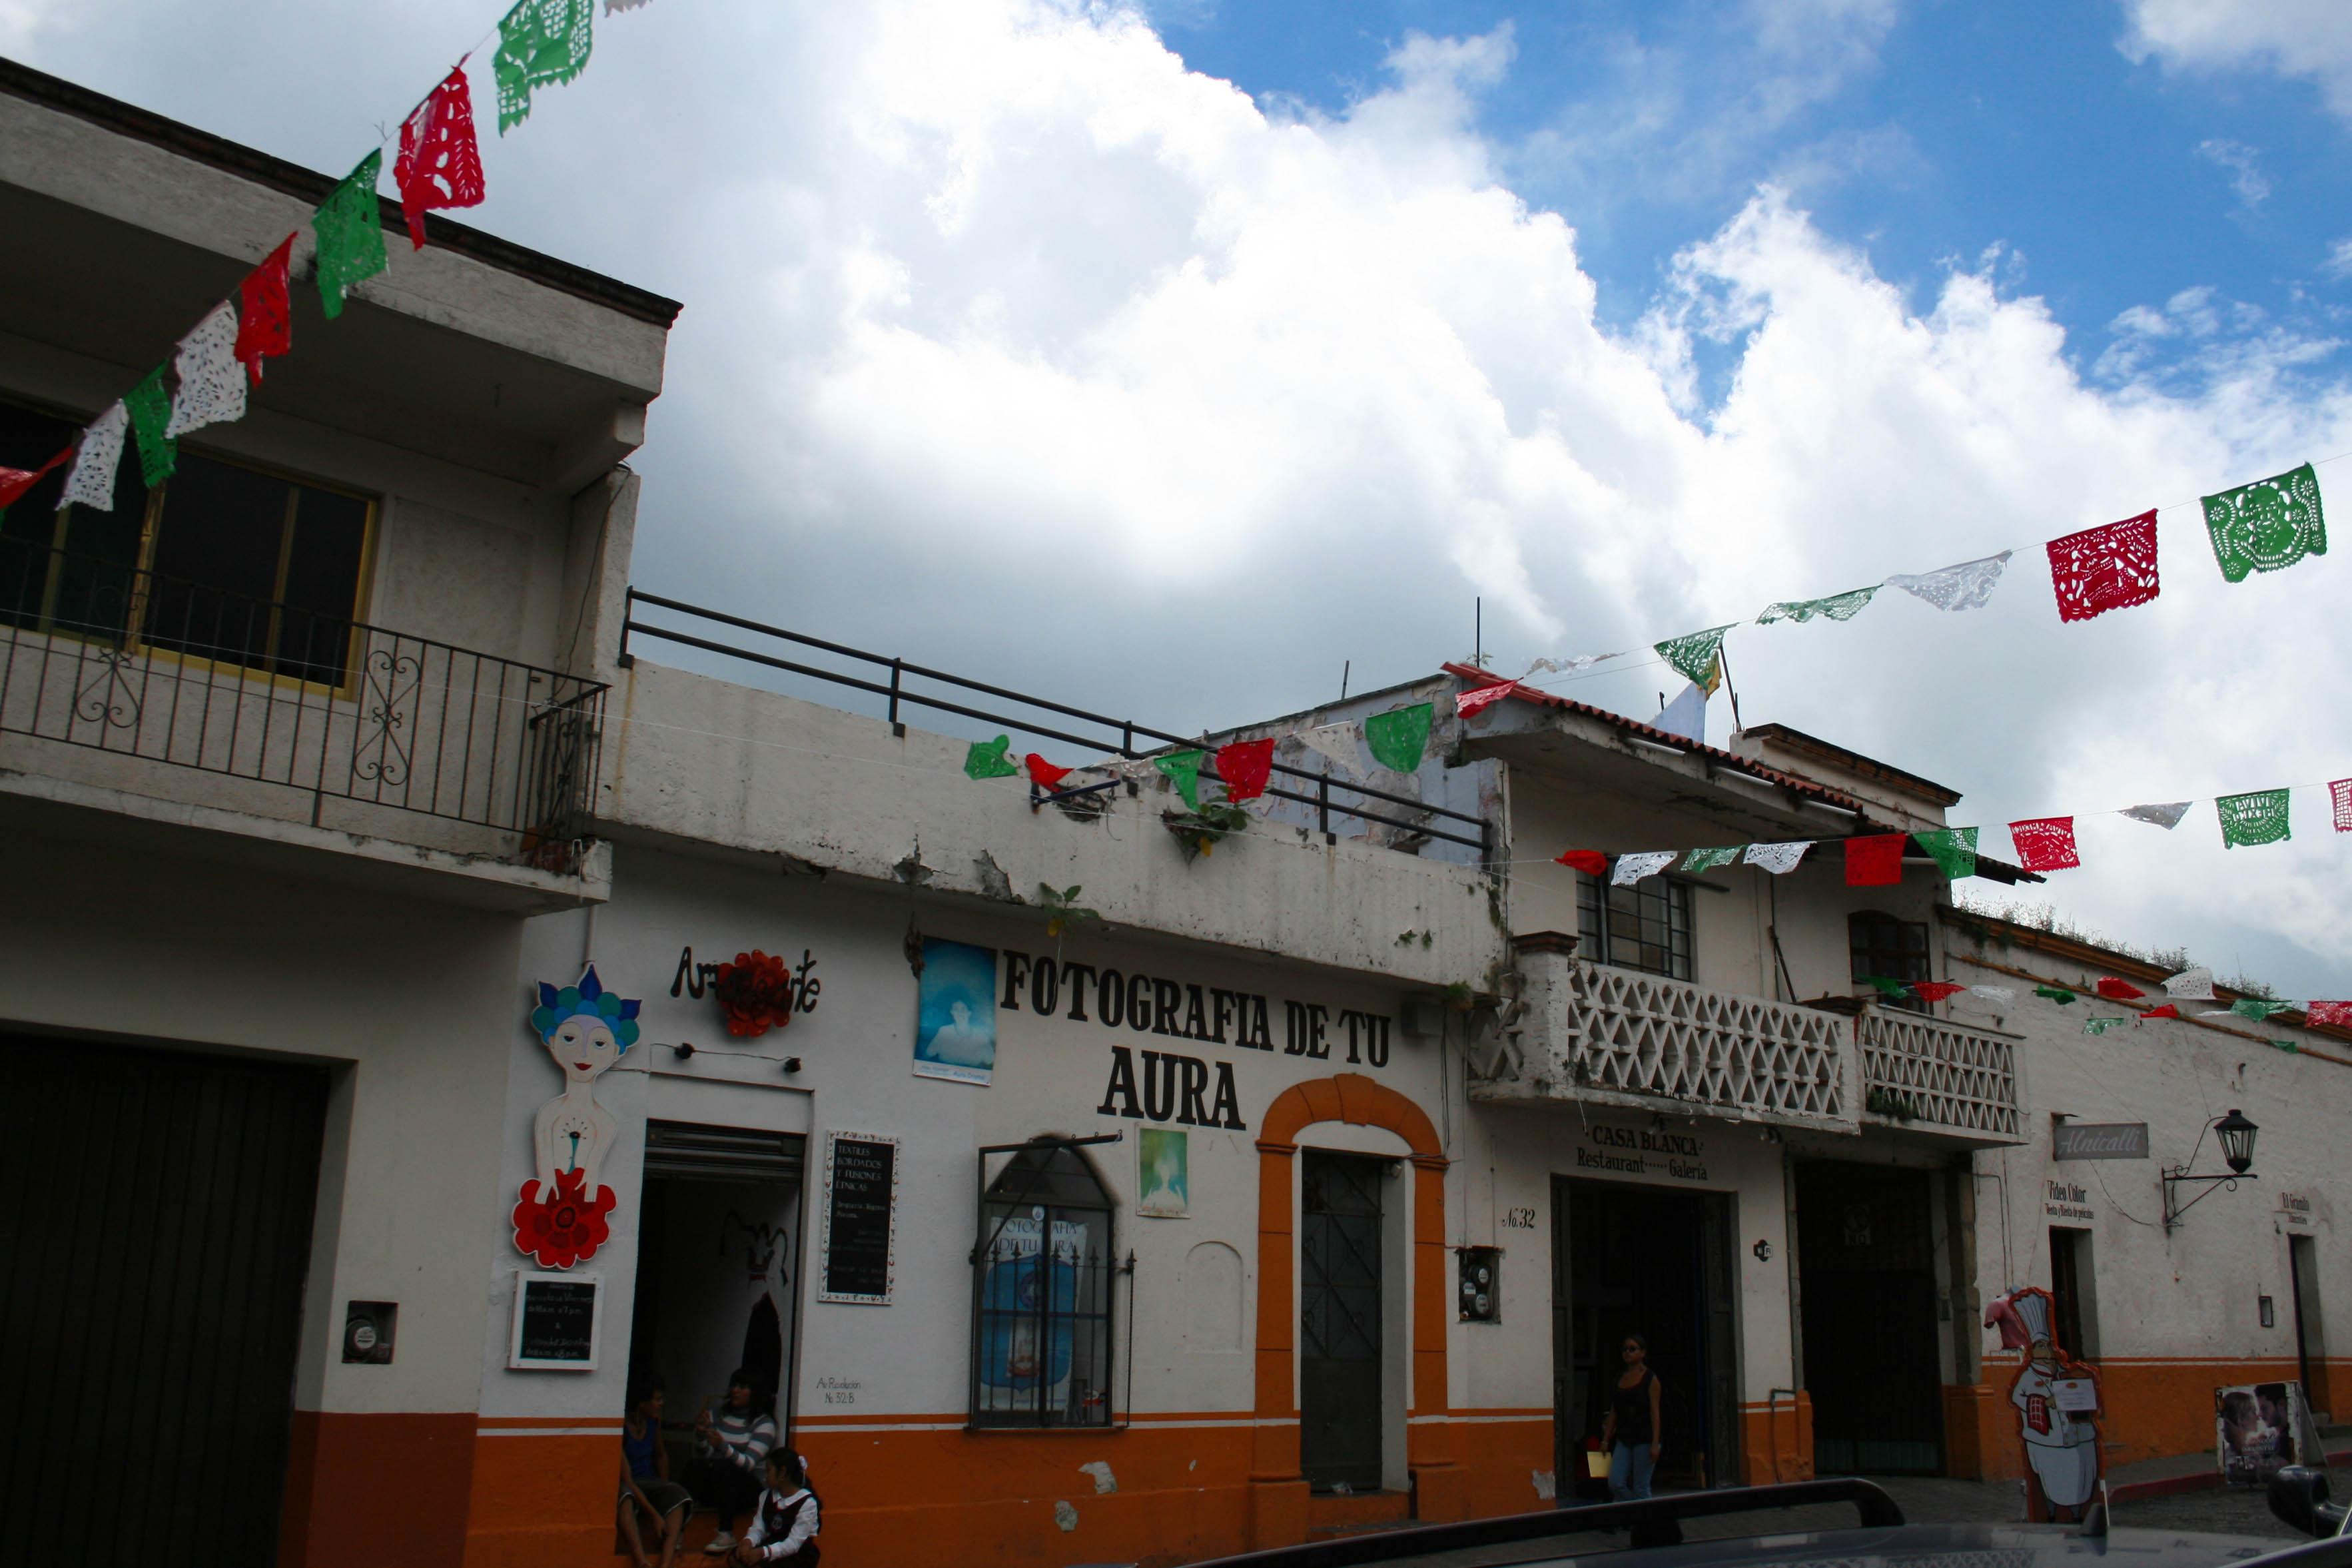 Travelettes » » Cosas Mágicas: A Guide to Tepoztlán, Mexico